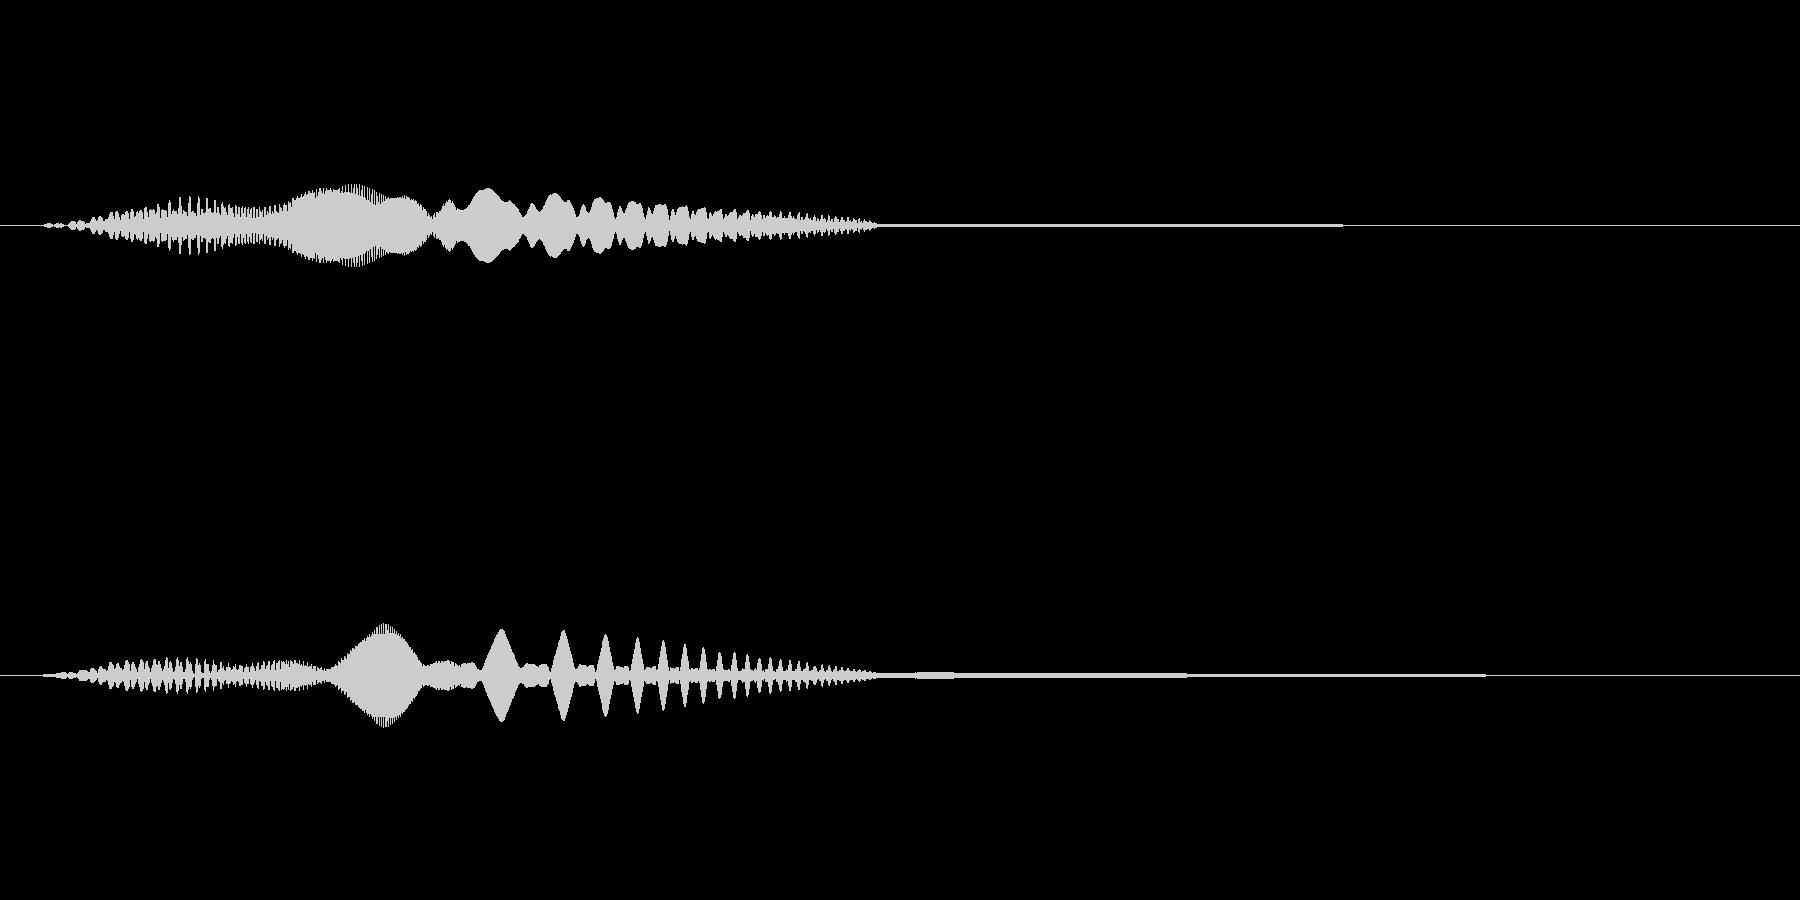 MediaFX VTRの始まりの音 2の未再生の波形